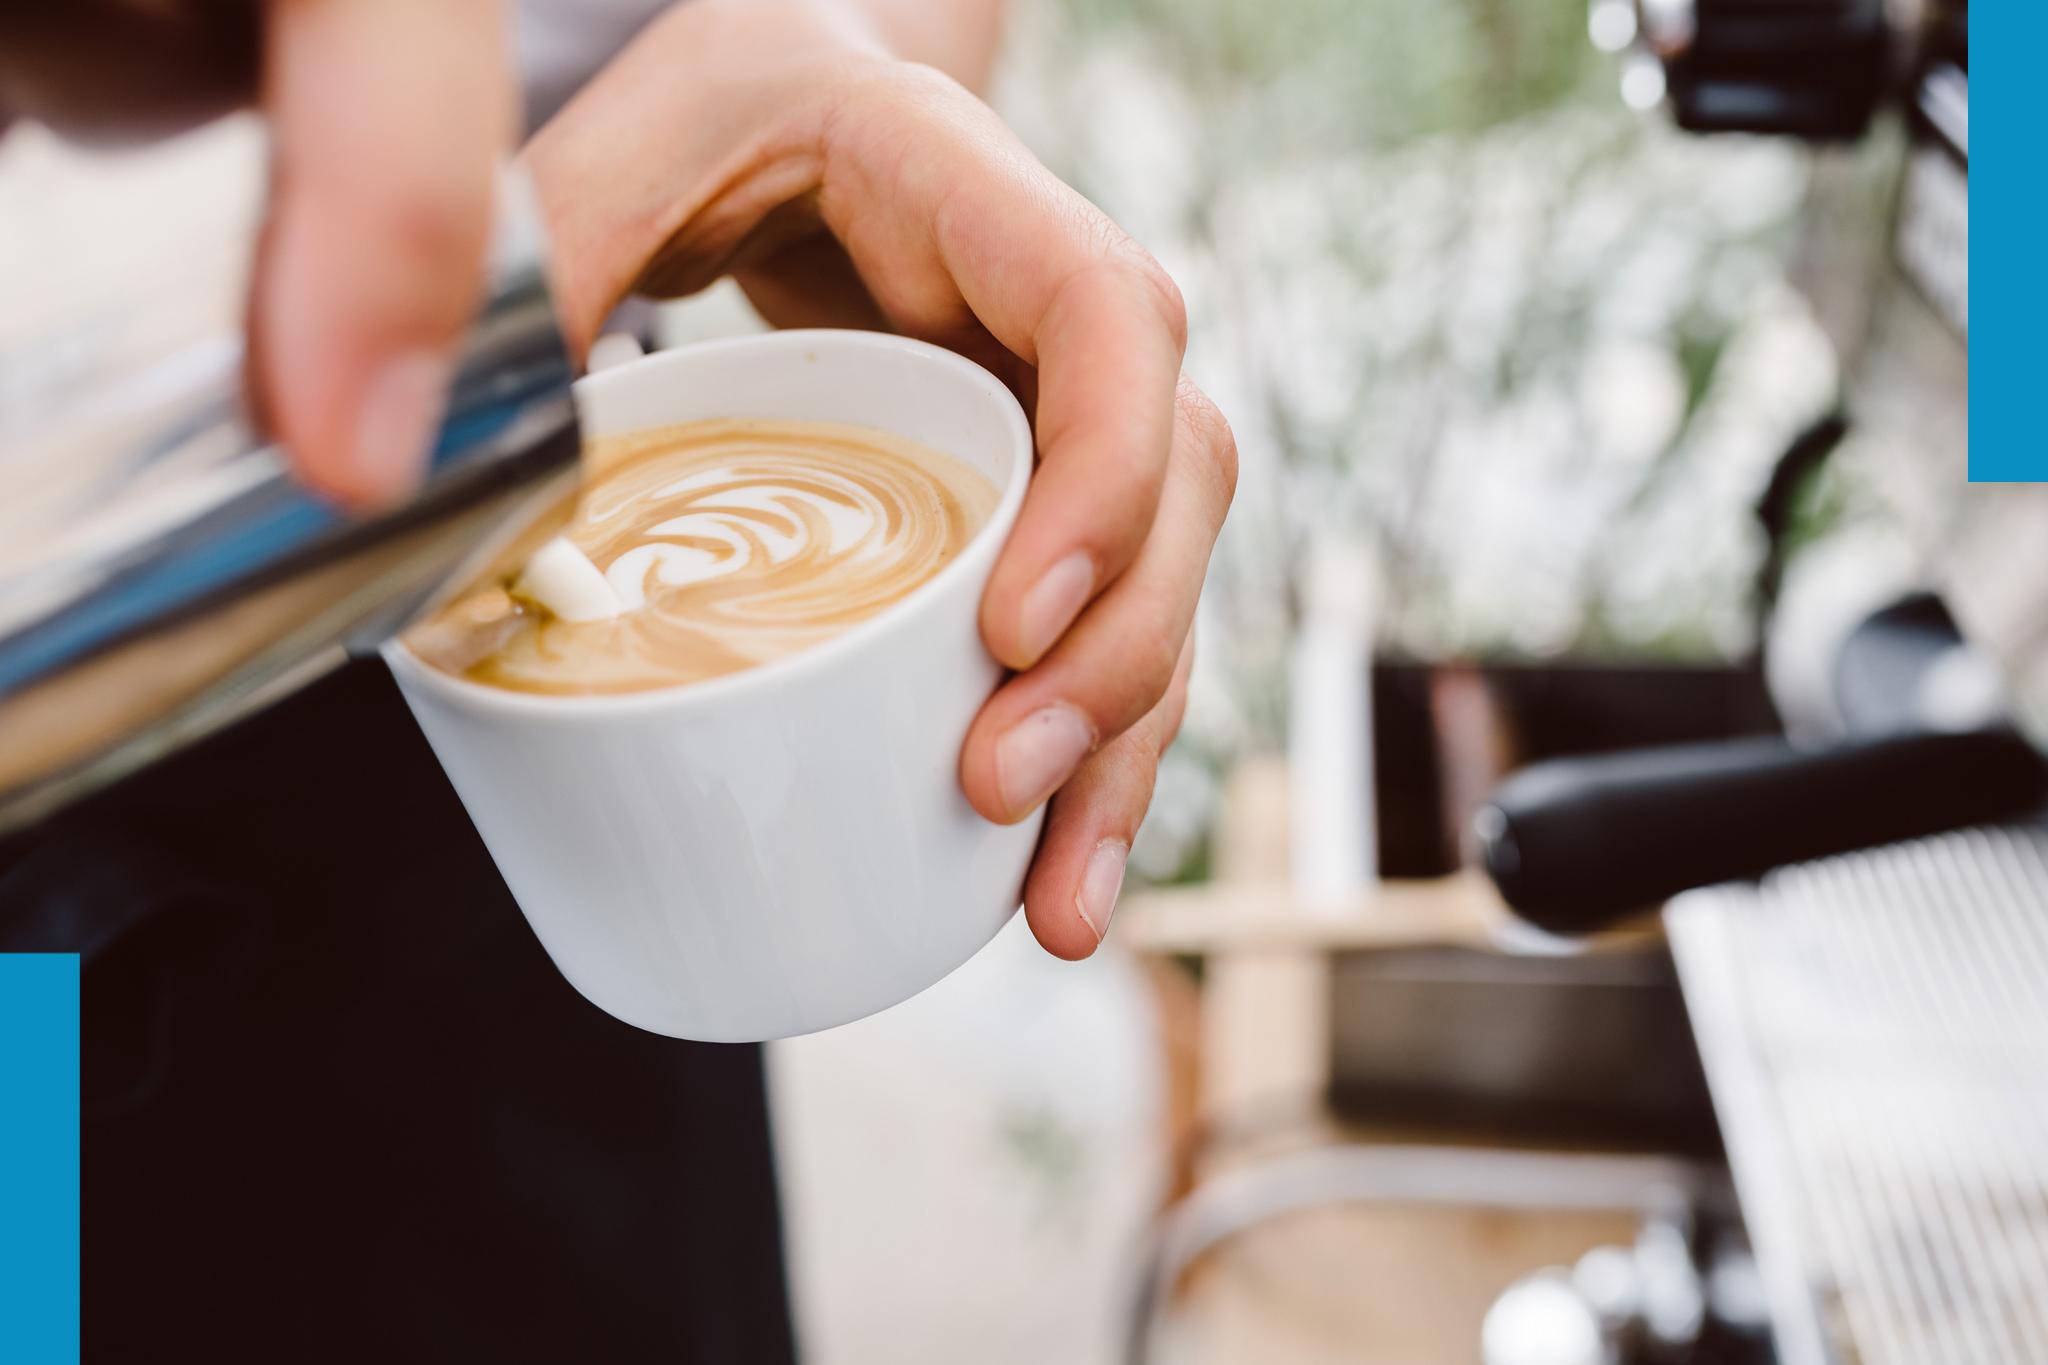 Barista / Verkauf - Du liebst Kaffee und bist gern Gastgeber. Du magst es mit Menschen im Team zu arbeiten. Du hast Spaß am Verkauf von Speisen und Getränken.Bewirb dich gern direkt unter: jobs@fuchsundgans.comDownload Aufgabenbeschreibung